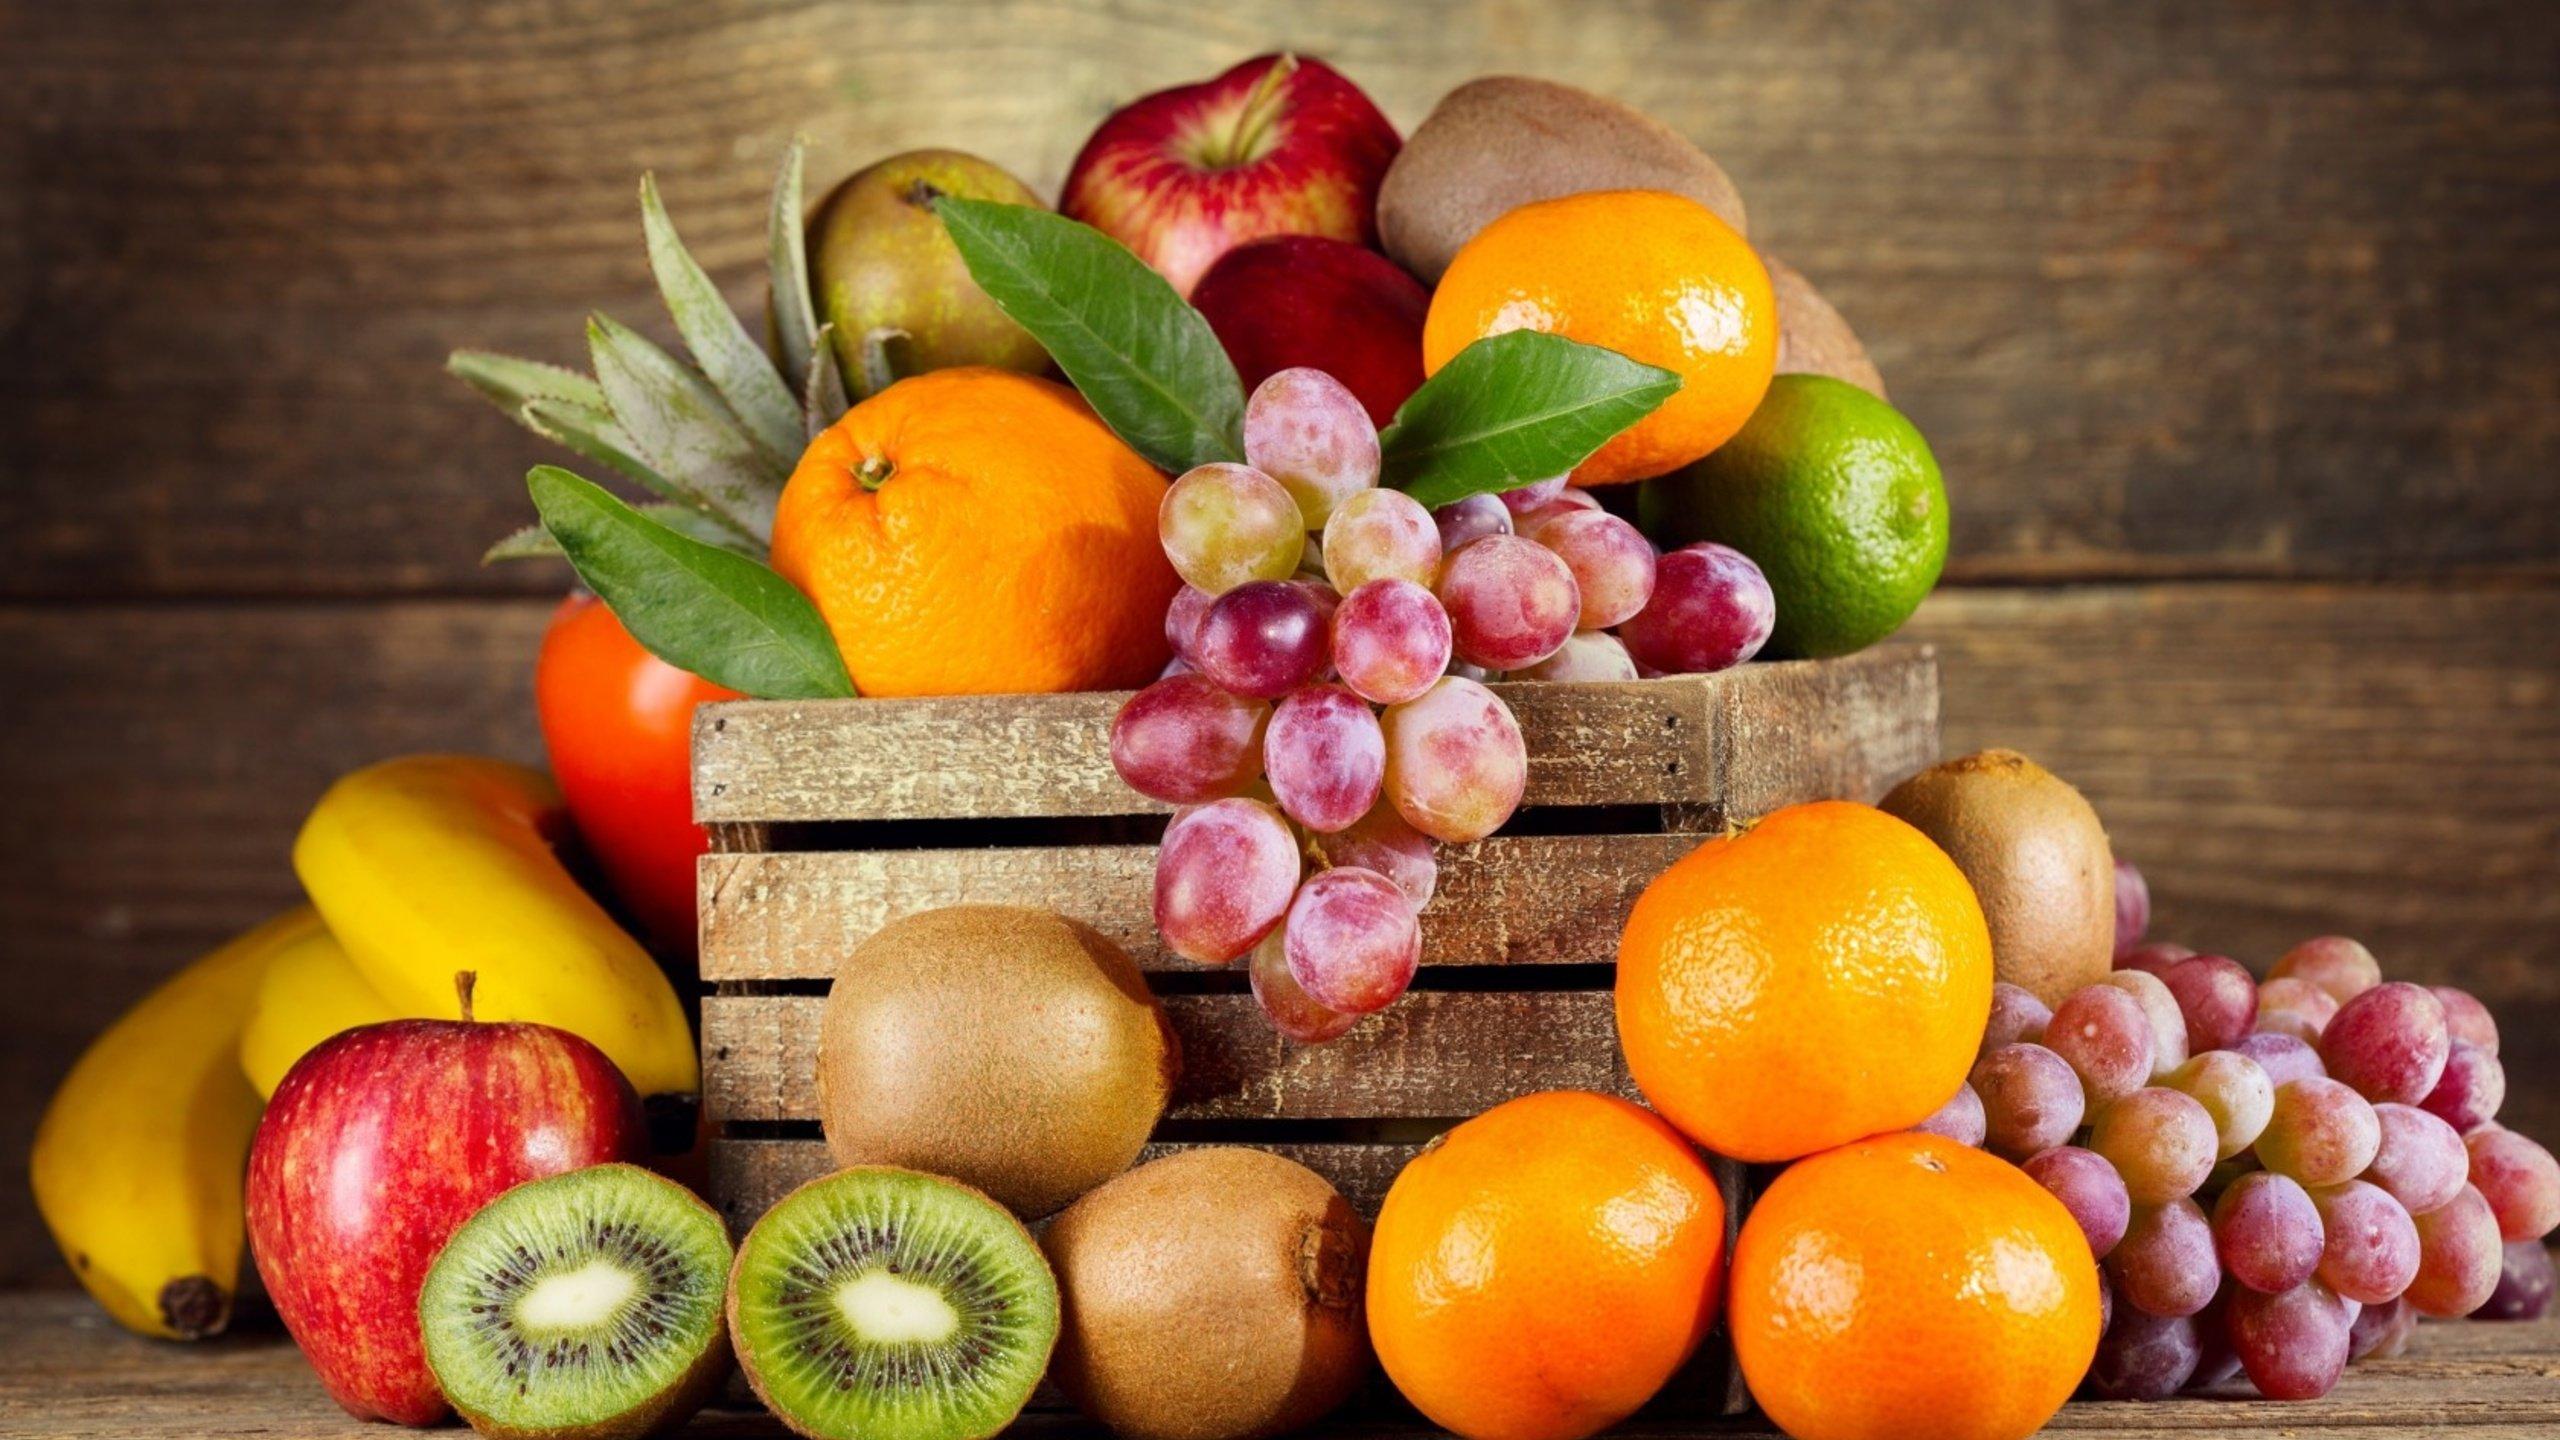 Best Fruit Wallpaper ID325884 For High Resolution Hd 2560x1440 Desktop